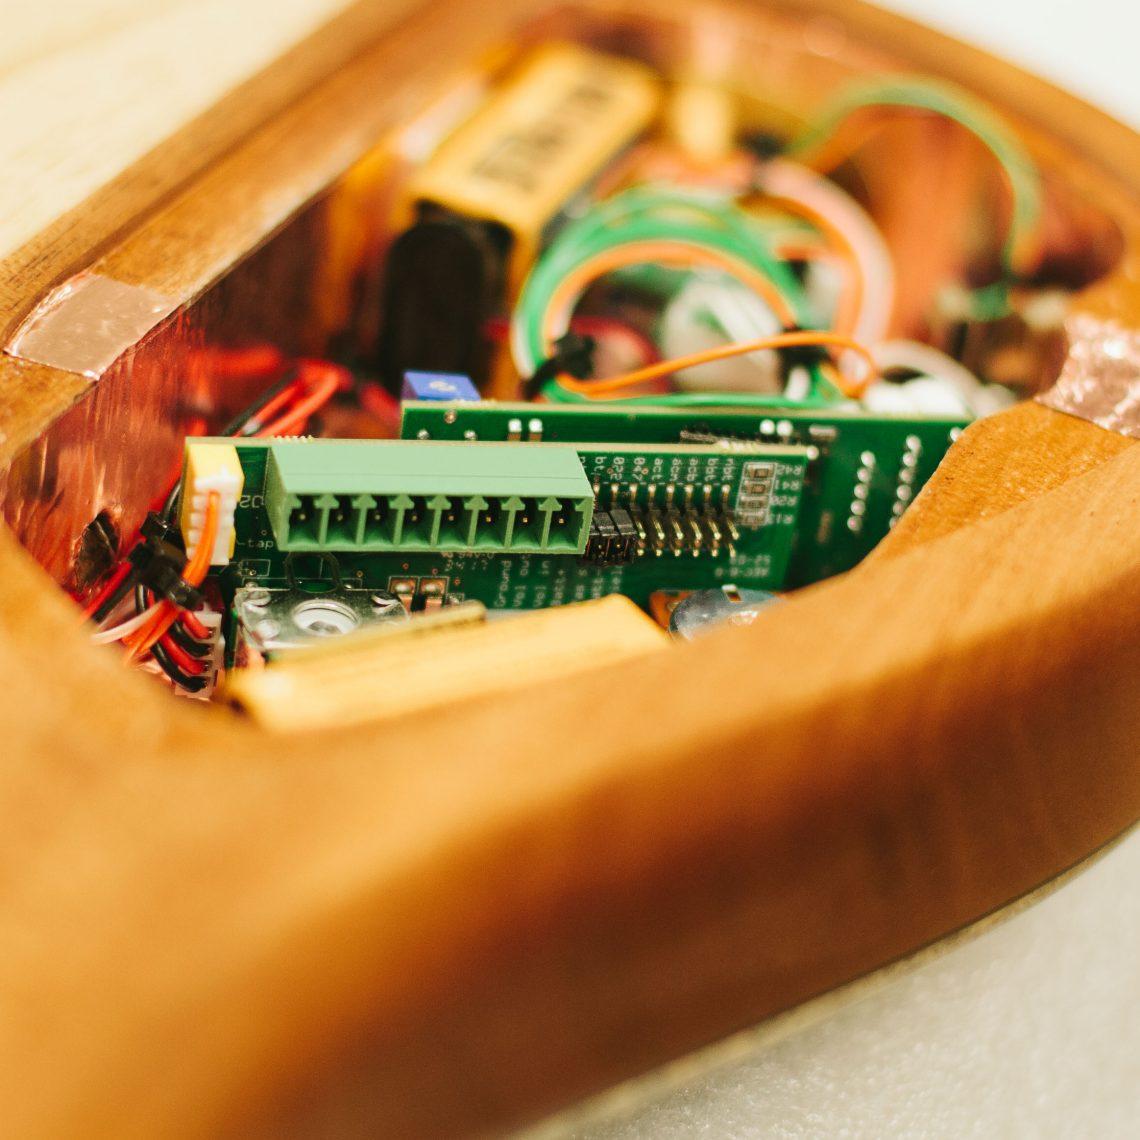 Bass Guitar Pickup Circuitry Closeup